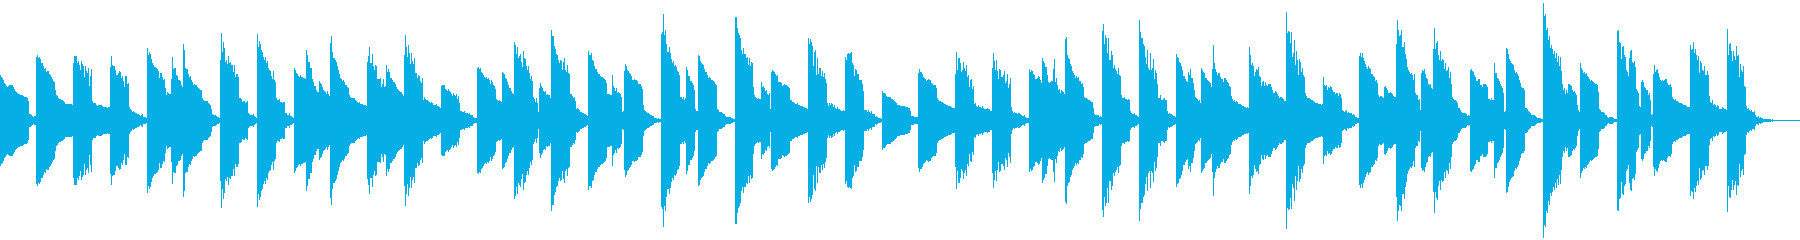 サッカーの有名な応援曲 ファミコンの再生済みの波形